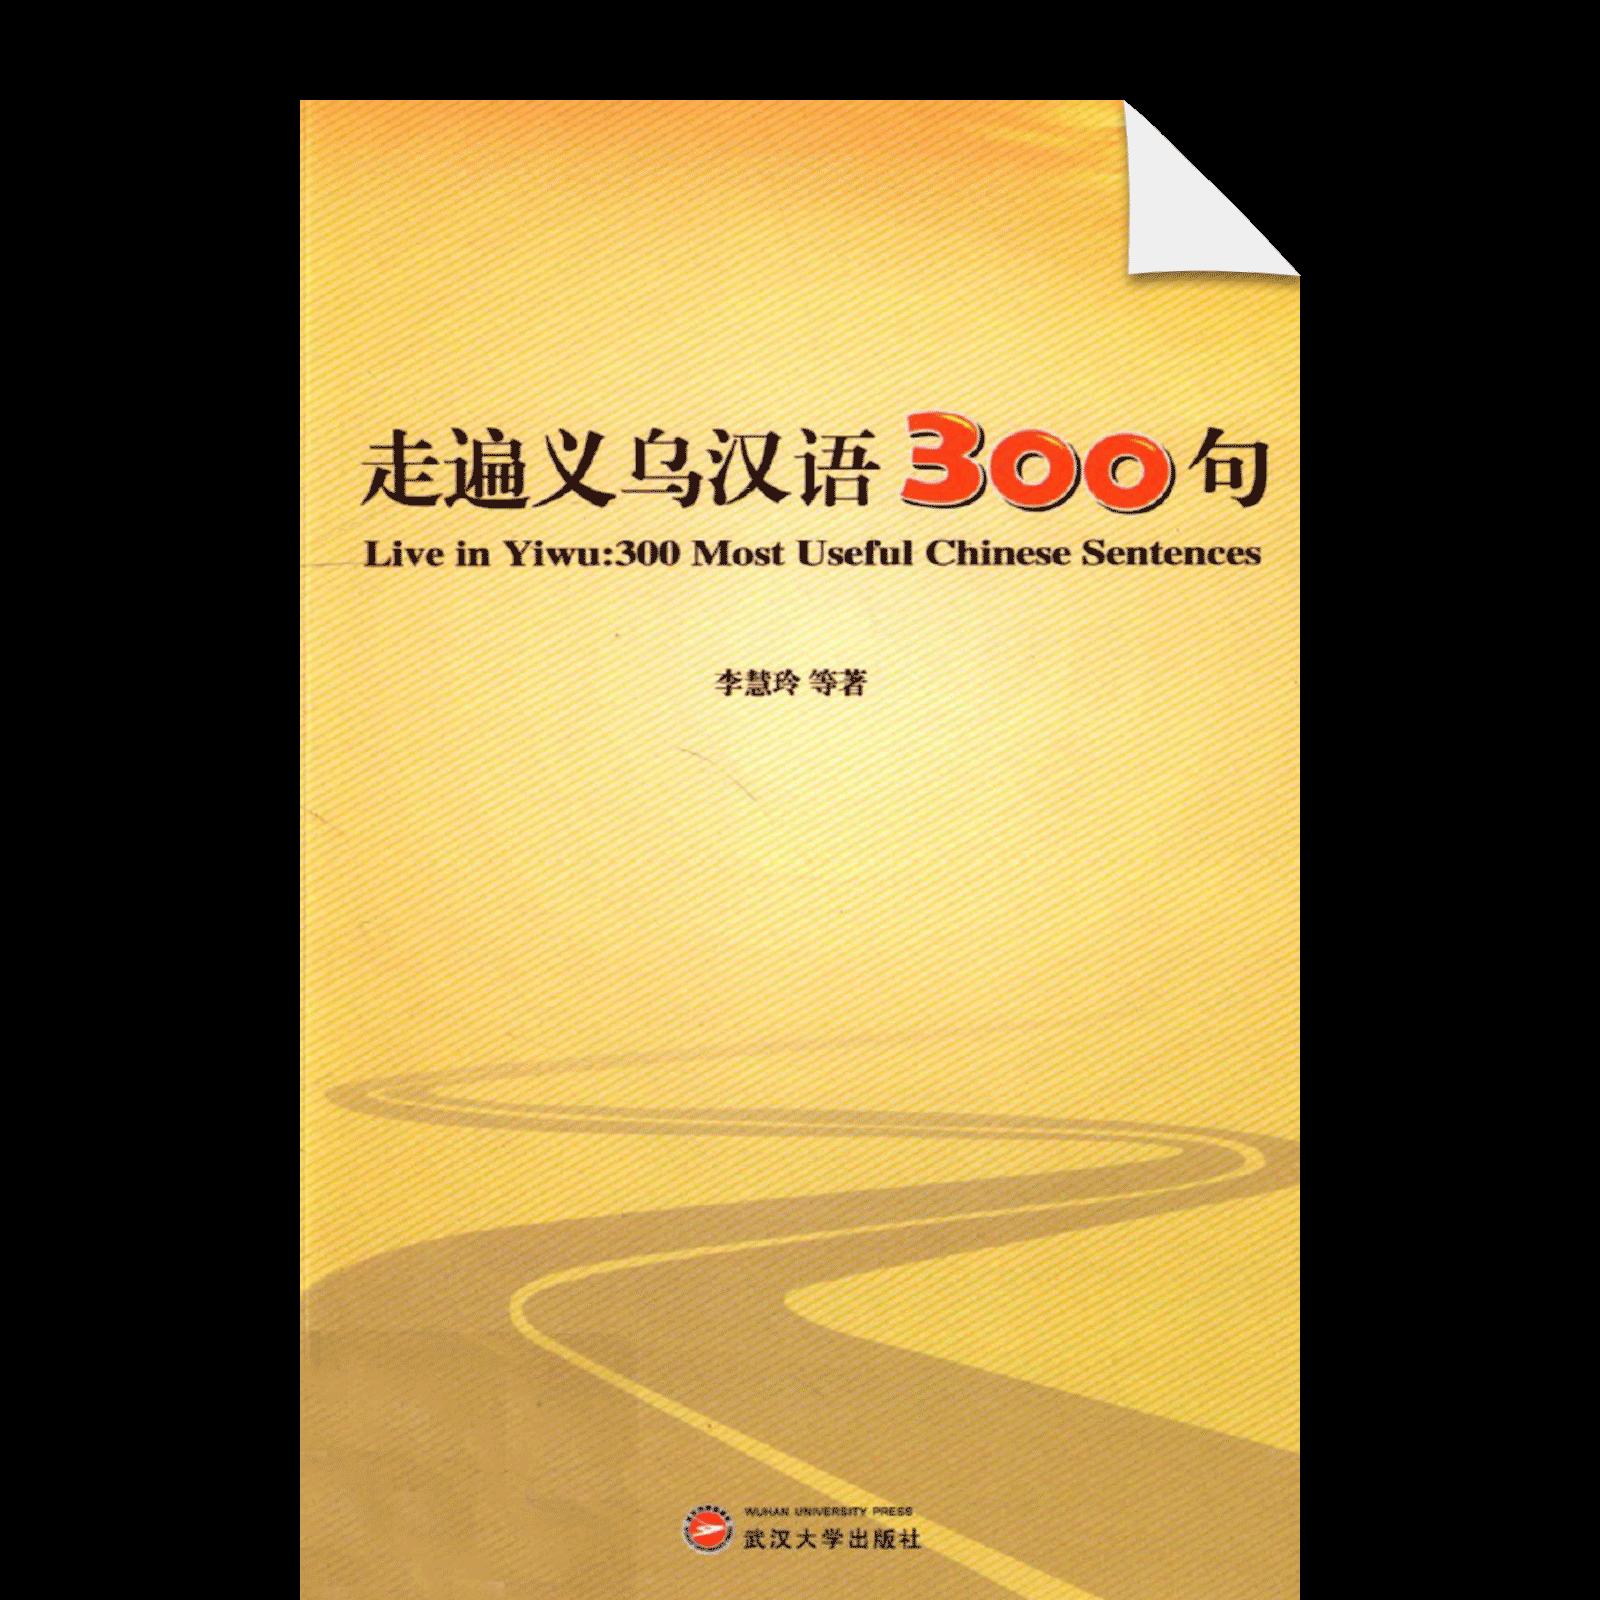 Zoubian Yiwu Hanyu 300Ju